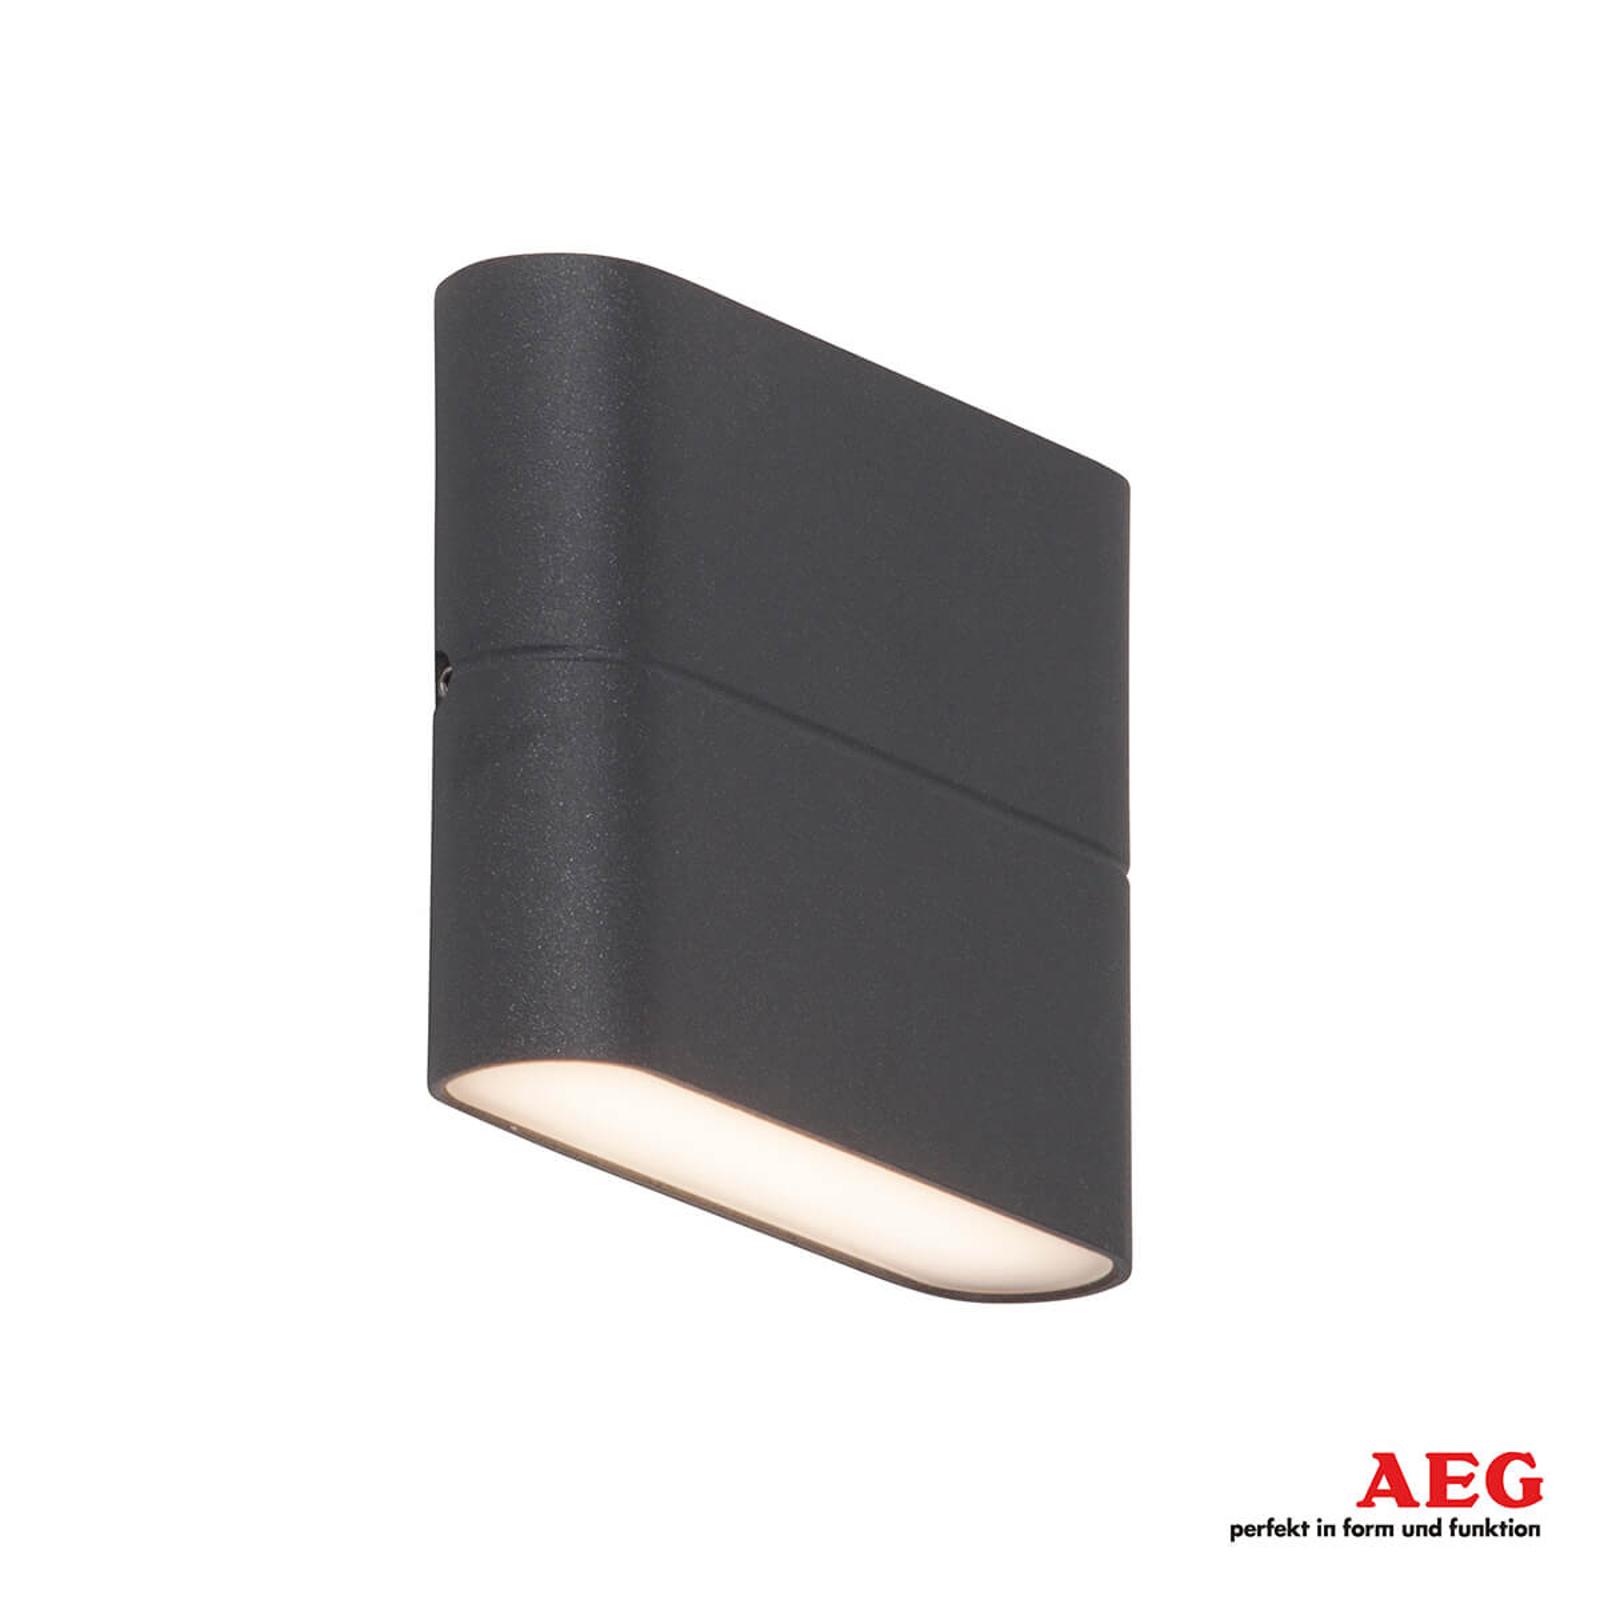 Acquista Luce a parete LED per esterni Telesto 11,5cm